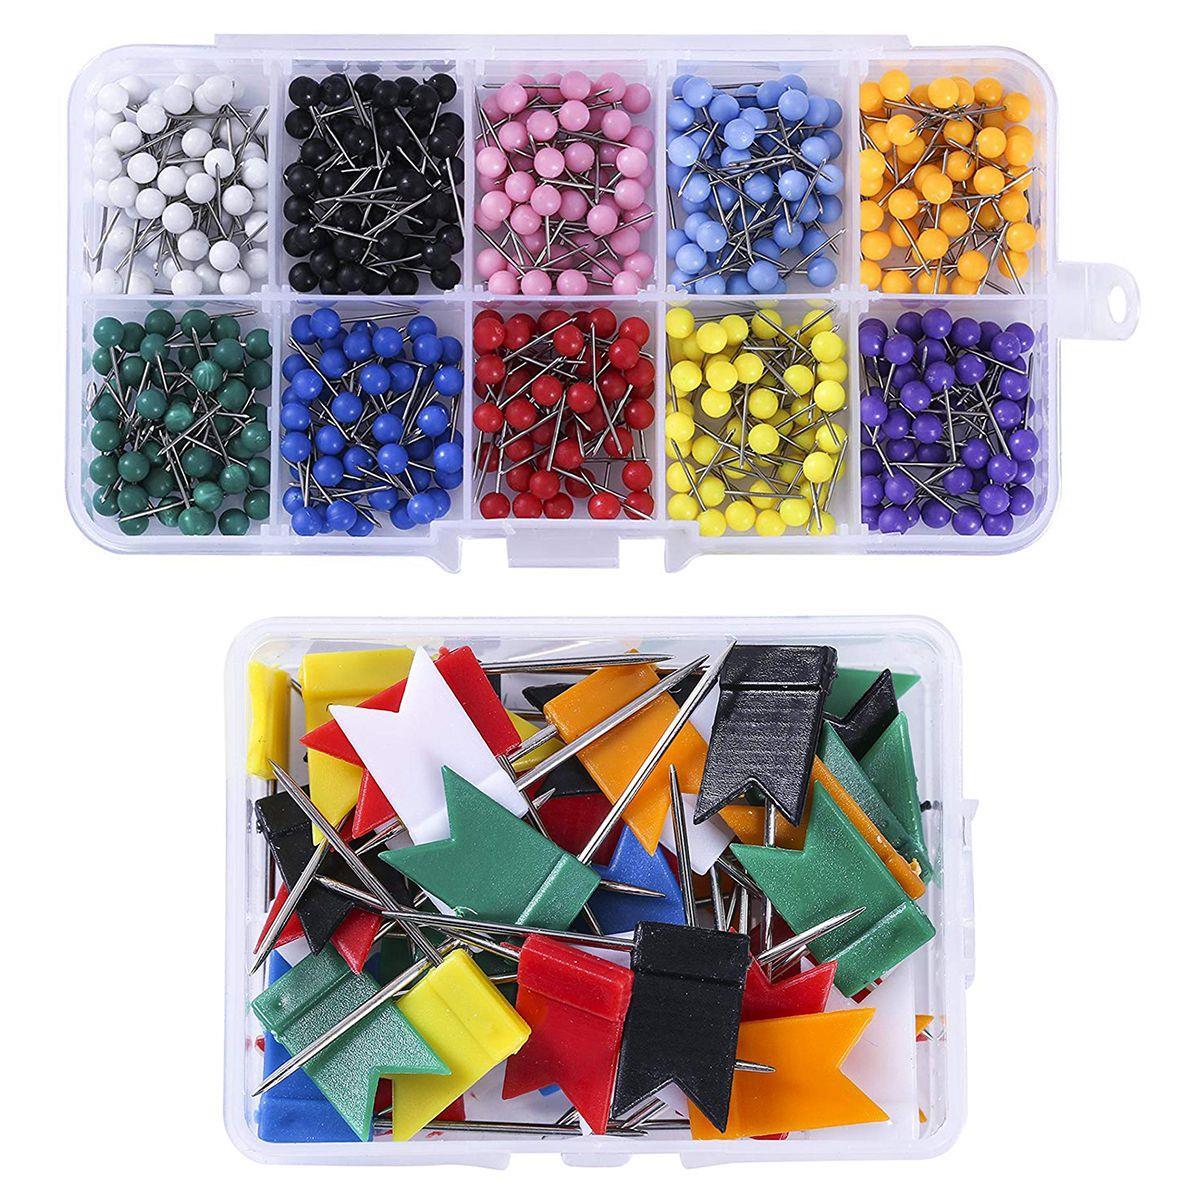 550 Pcs Colorful Map Push Pins Thumb Tacks,500Pcs Round Head Map Tacks,50 Pcs Flag Map Push Pins For Bulletin Board, Fabric Ma